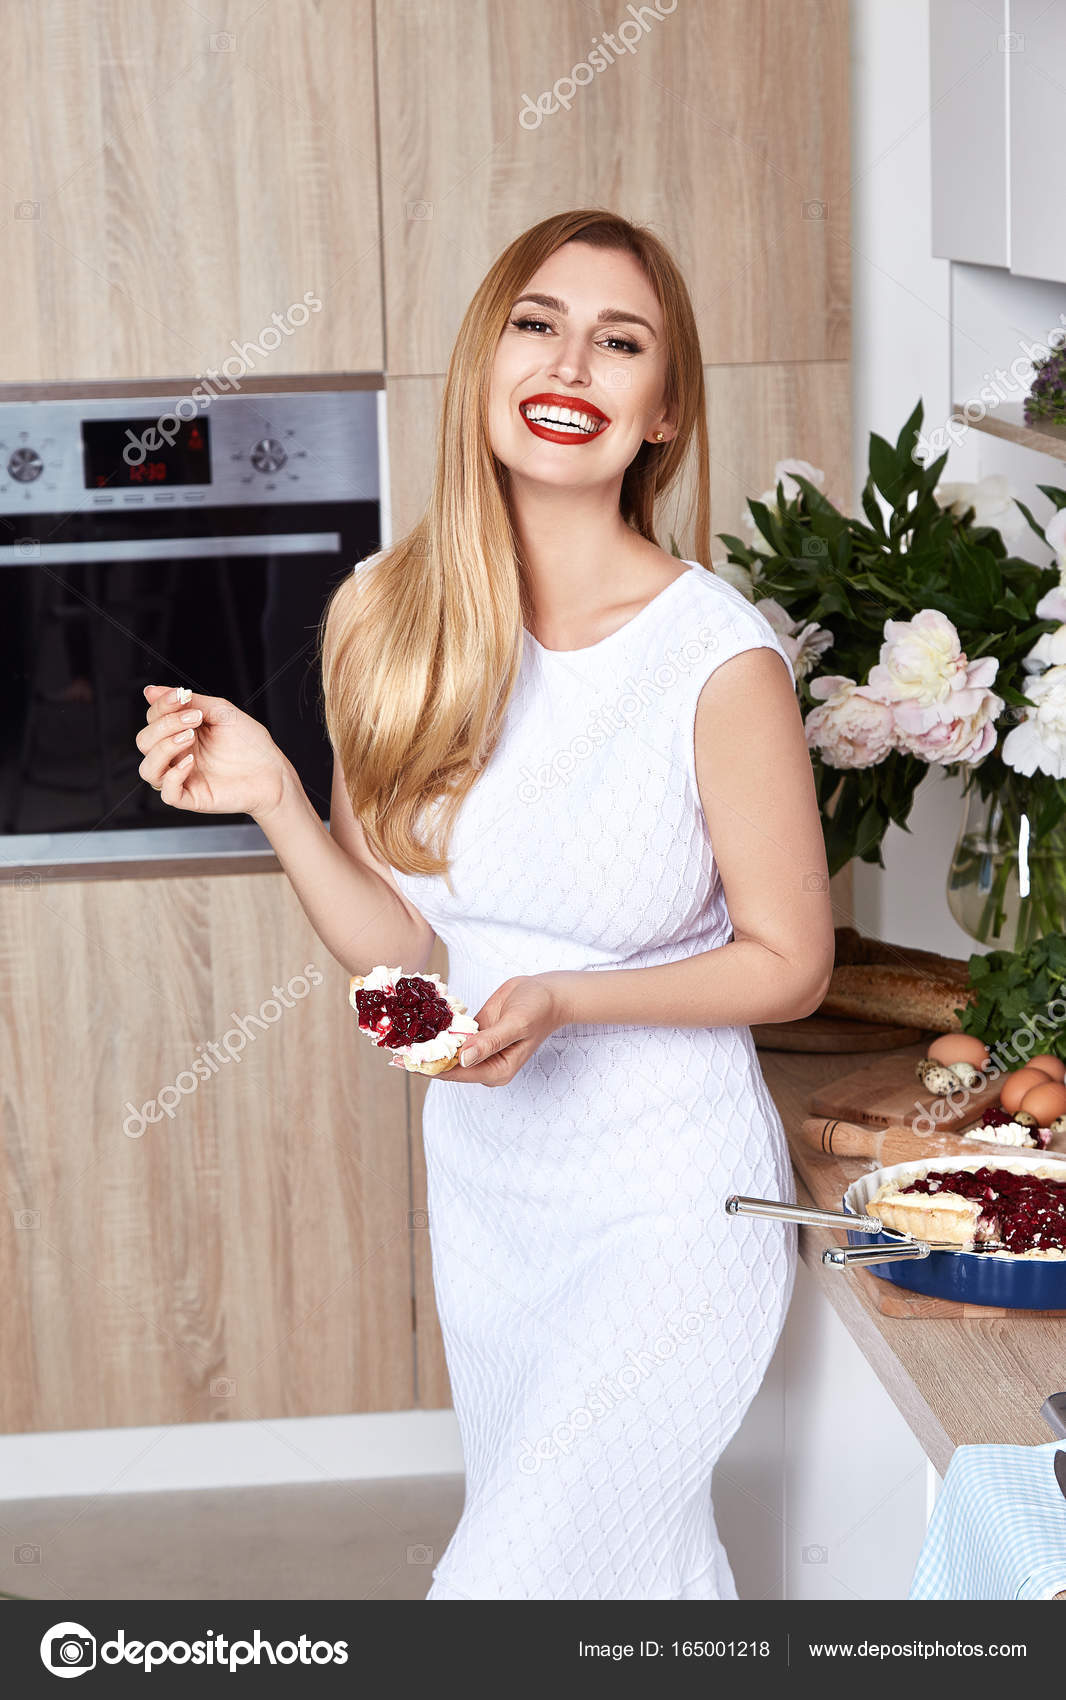 Сексуальная симпатичная блондинка в красивой одежде фотки